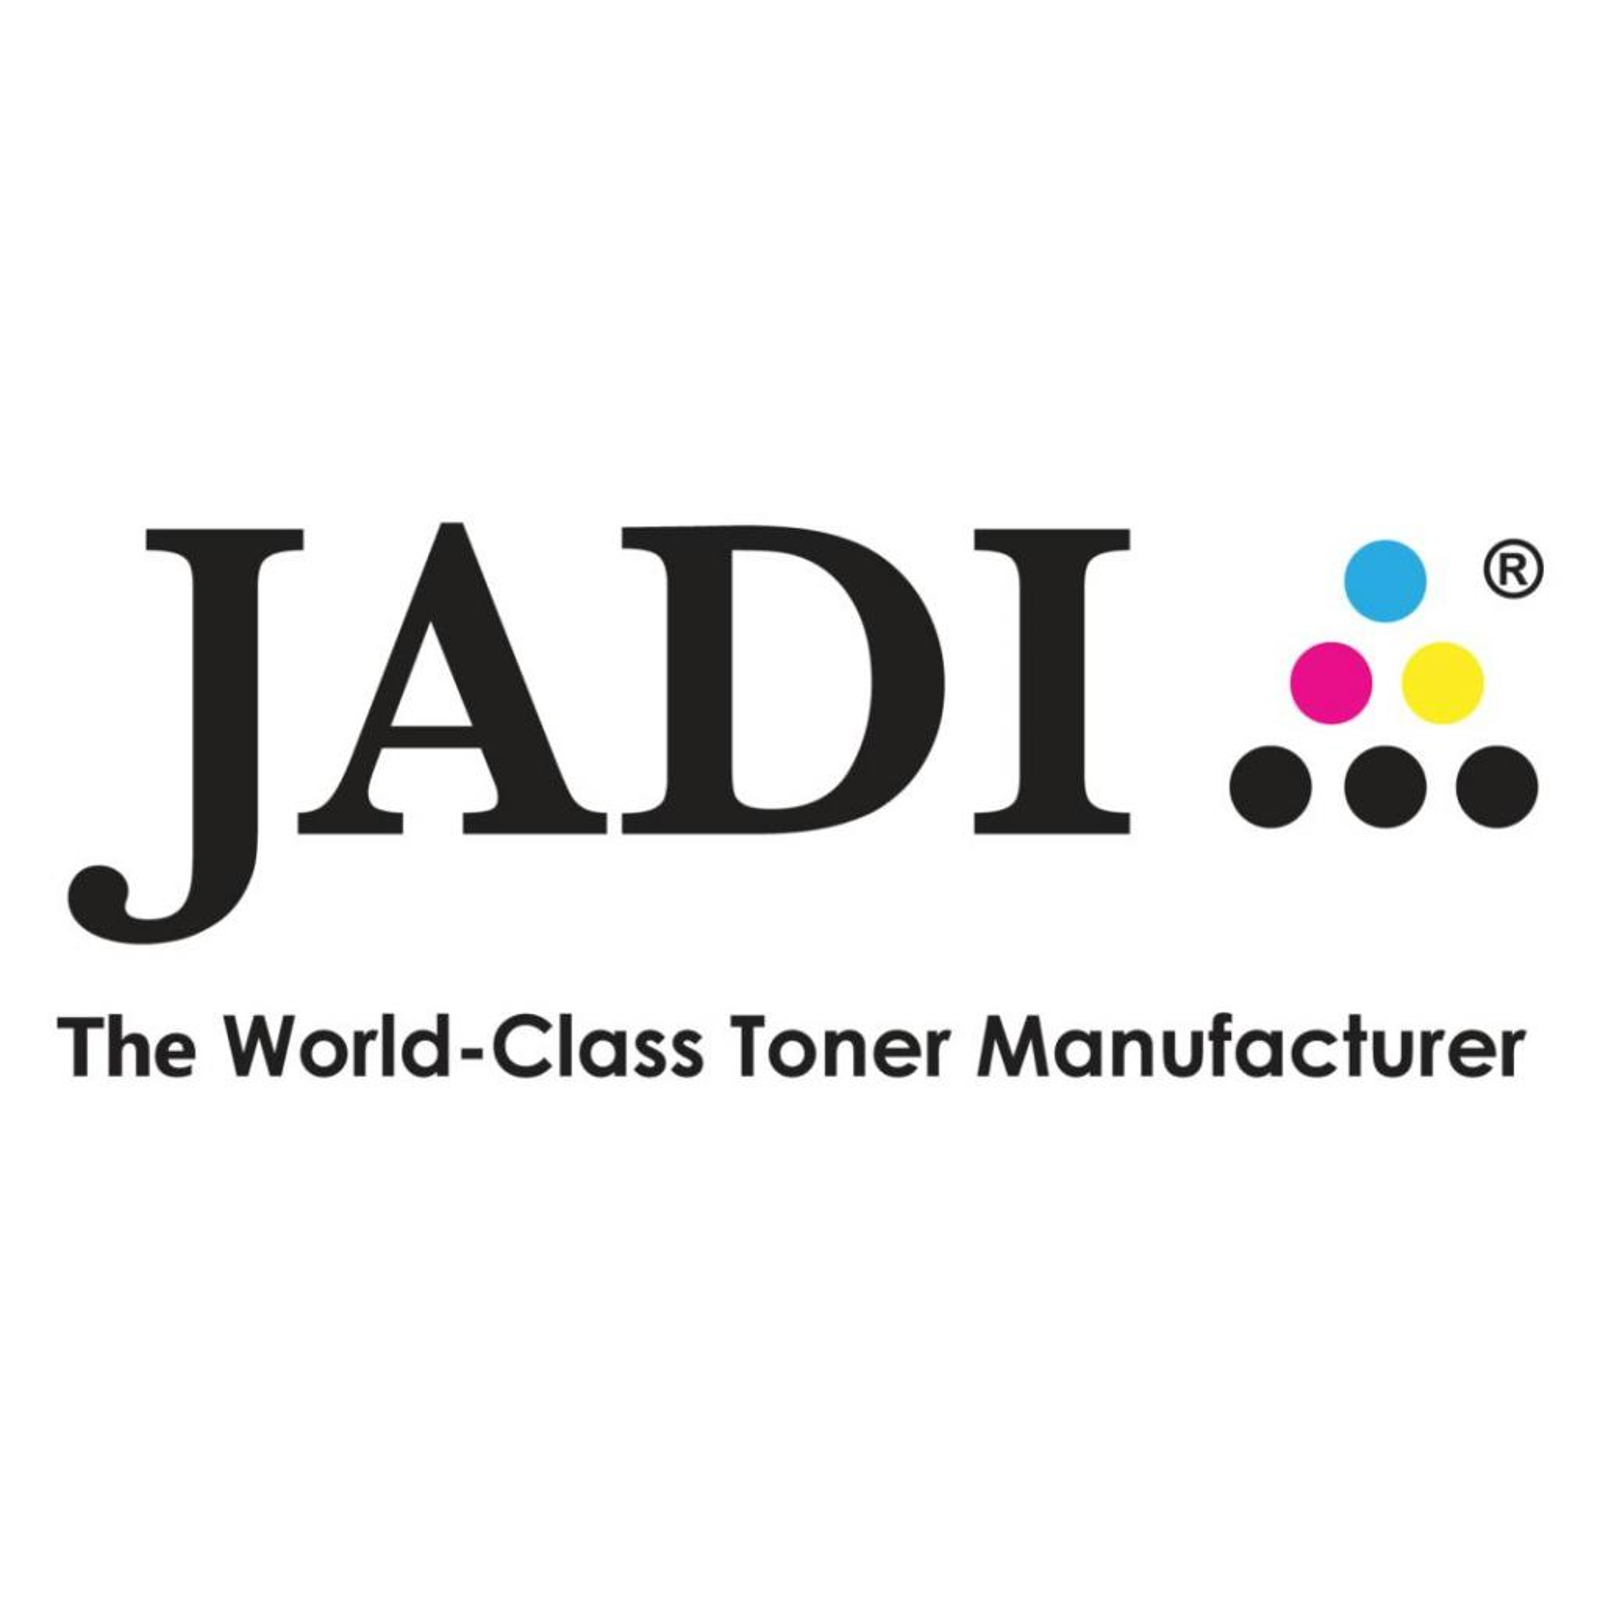 Тонер HP LJ1010/1160/4250/P1005/M402/M604 500г Jadi (TSM-JLT-075-500)